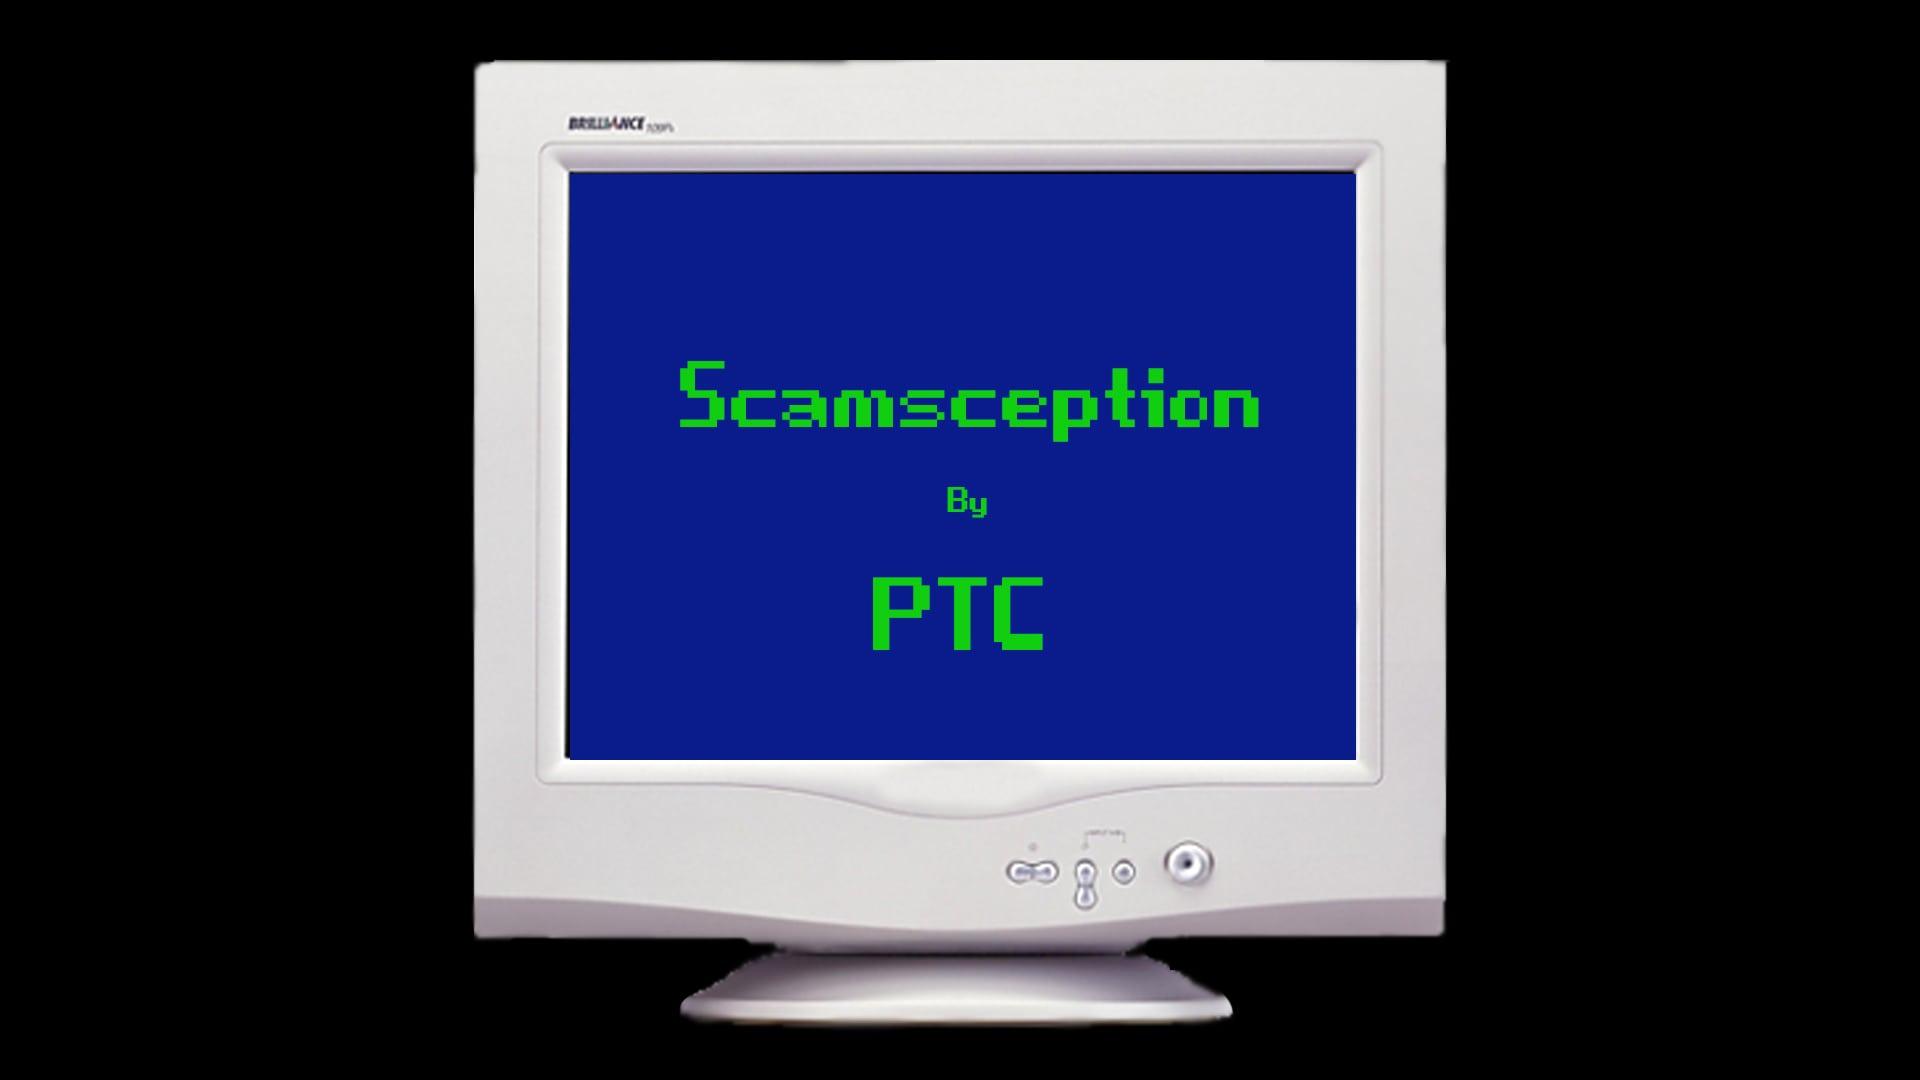 Scamsception